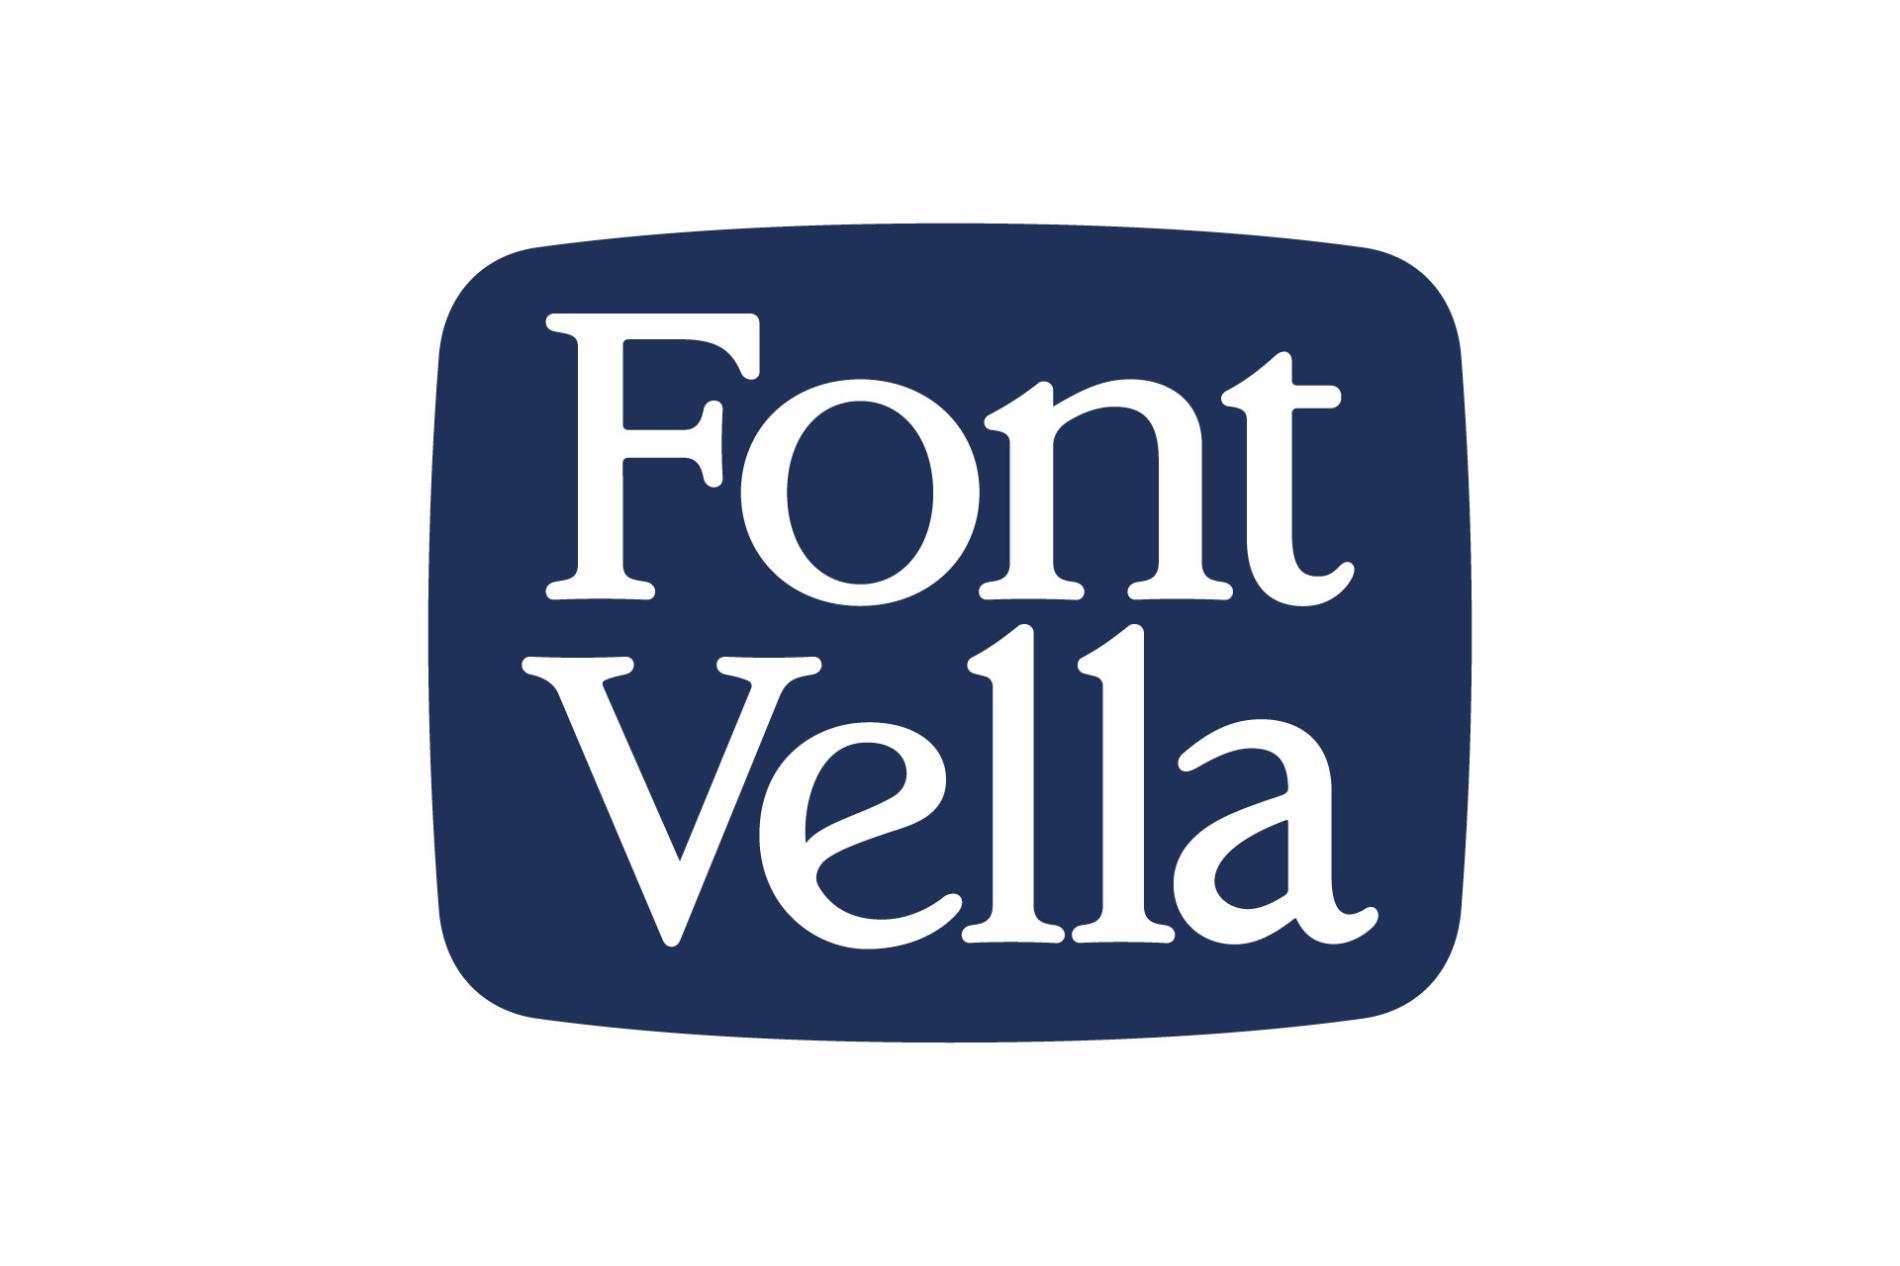 Font Vella y Fonter, aguas oficiales de la pasarela Mercedes-Benz Fashion  Week Madrid